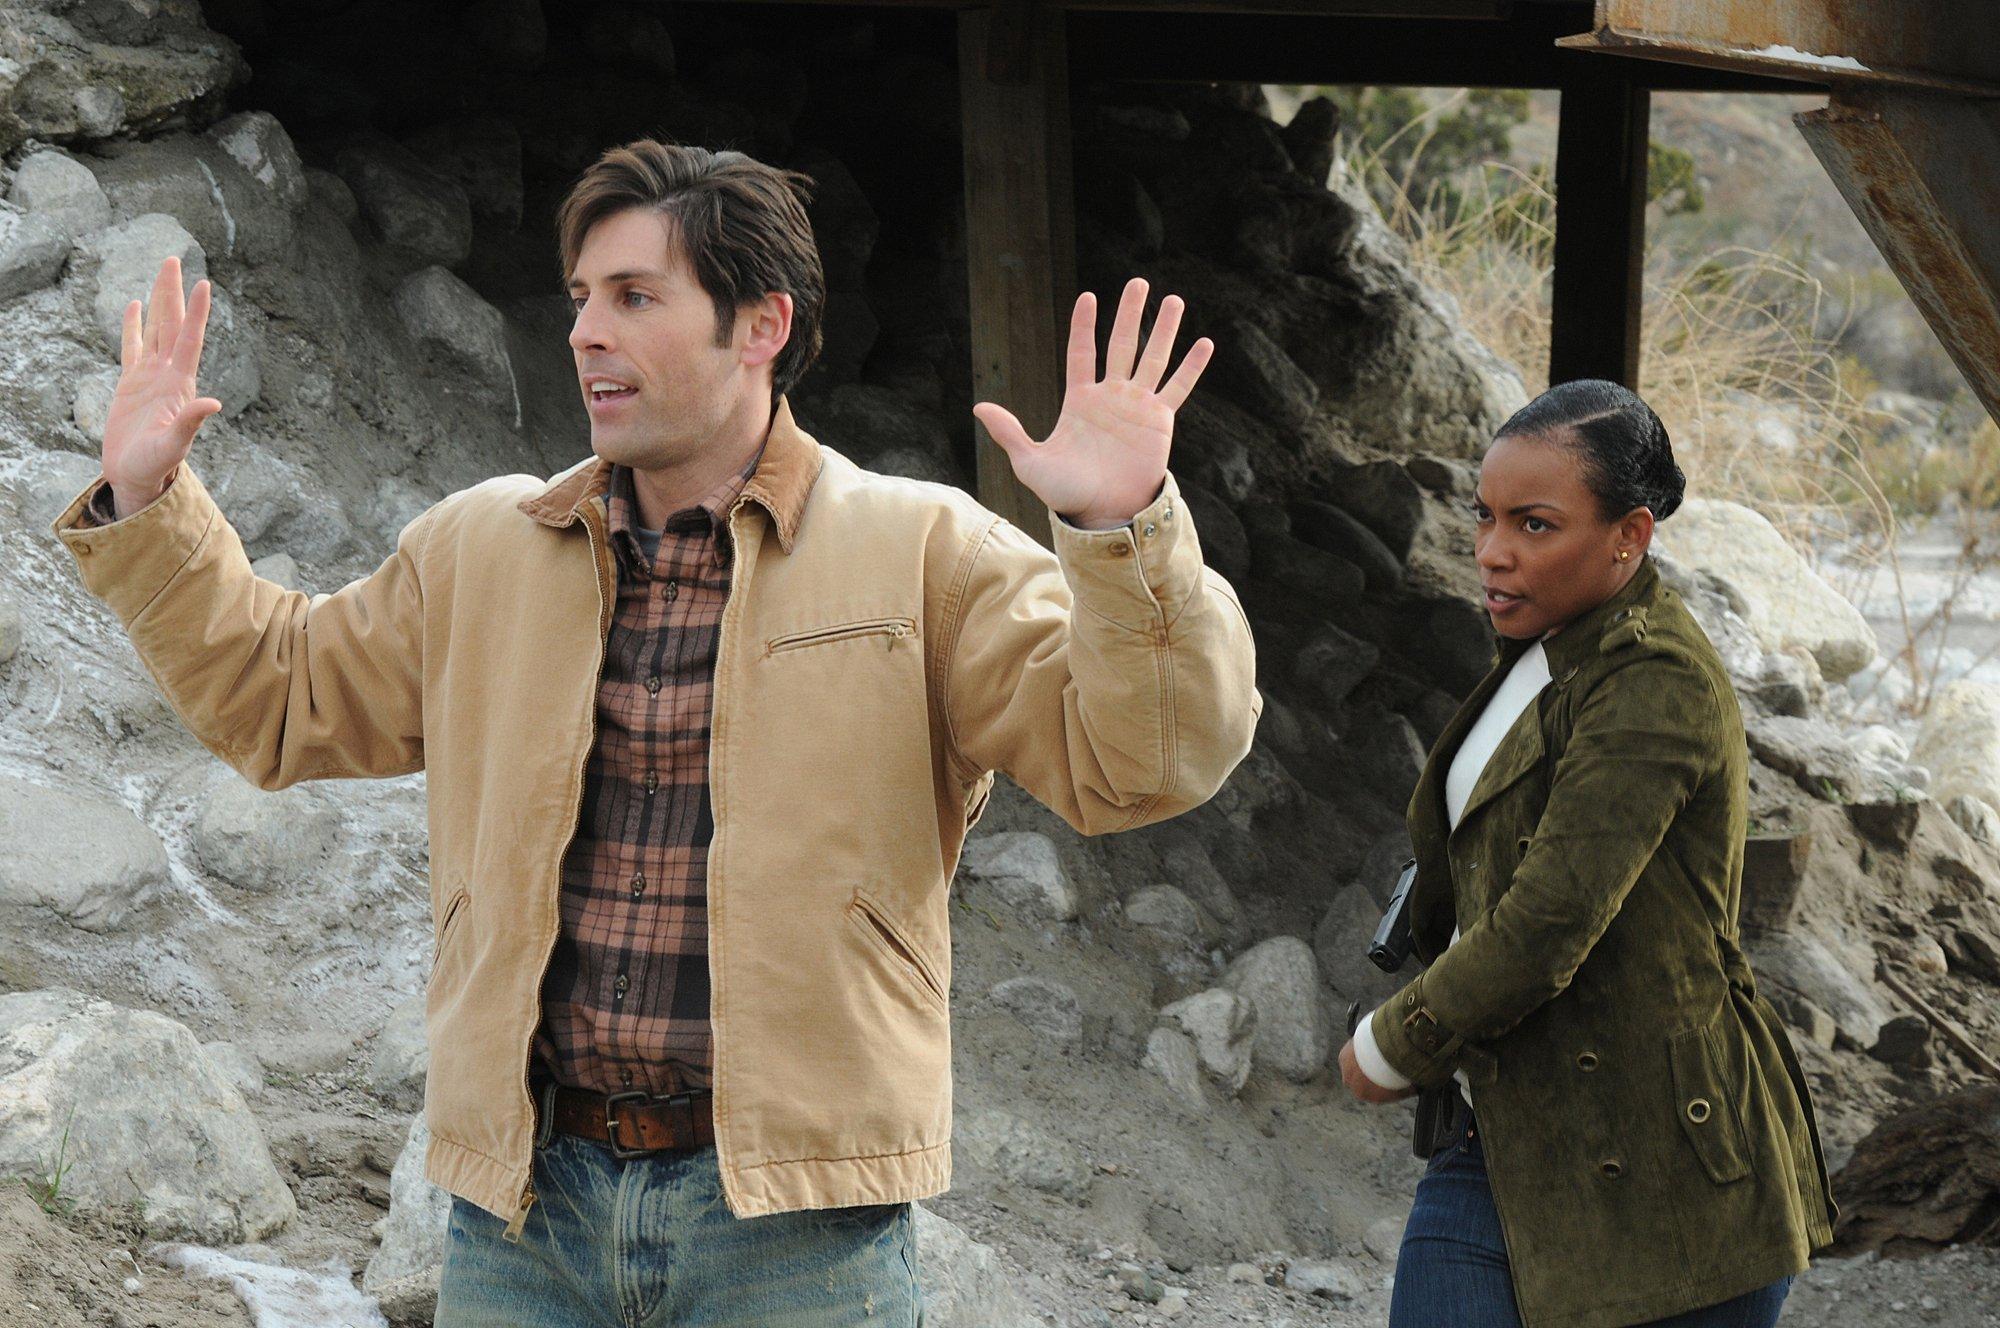 Jordan Belfi and Aunjanue Ellis in The Mentalist (2008)